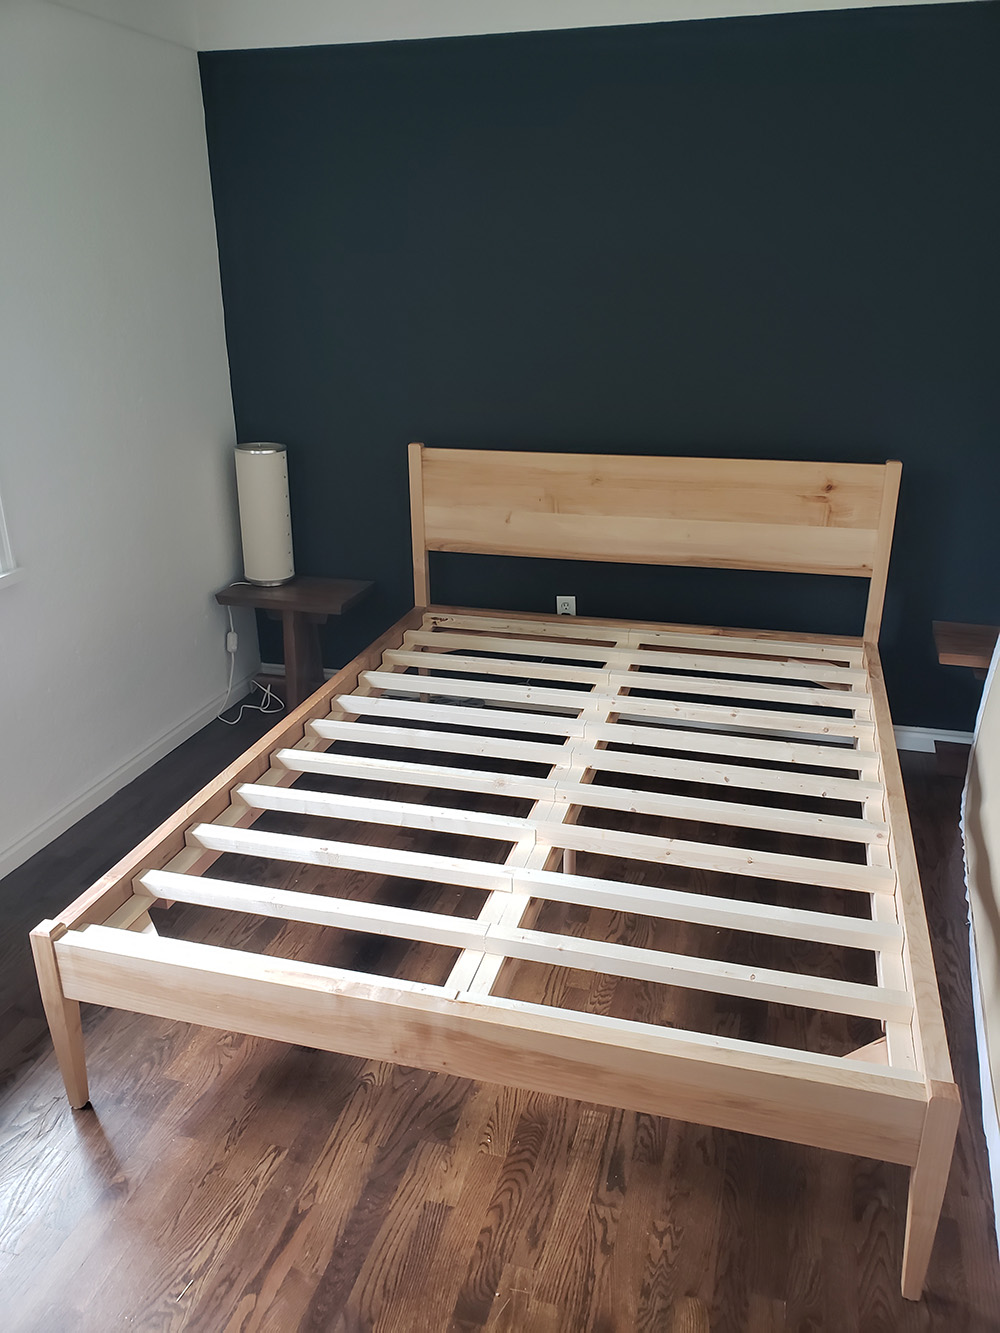 Bed Frames 33 - Installation